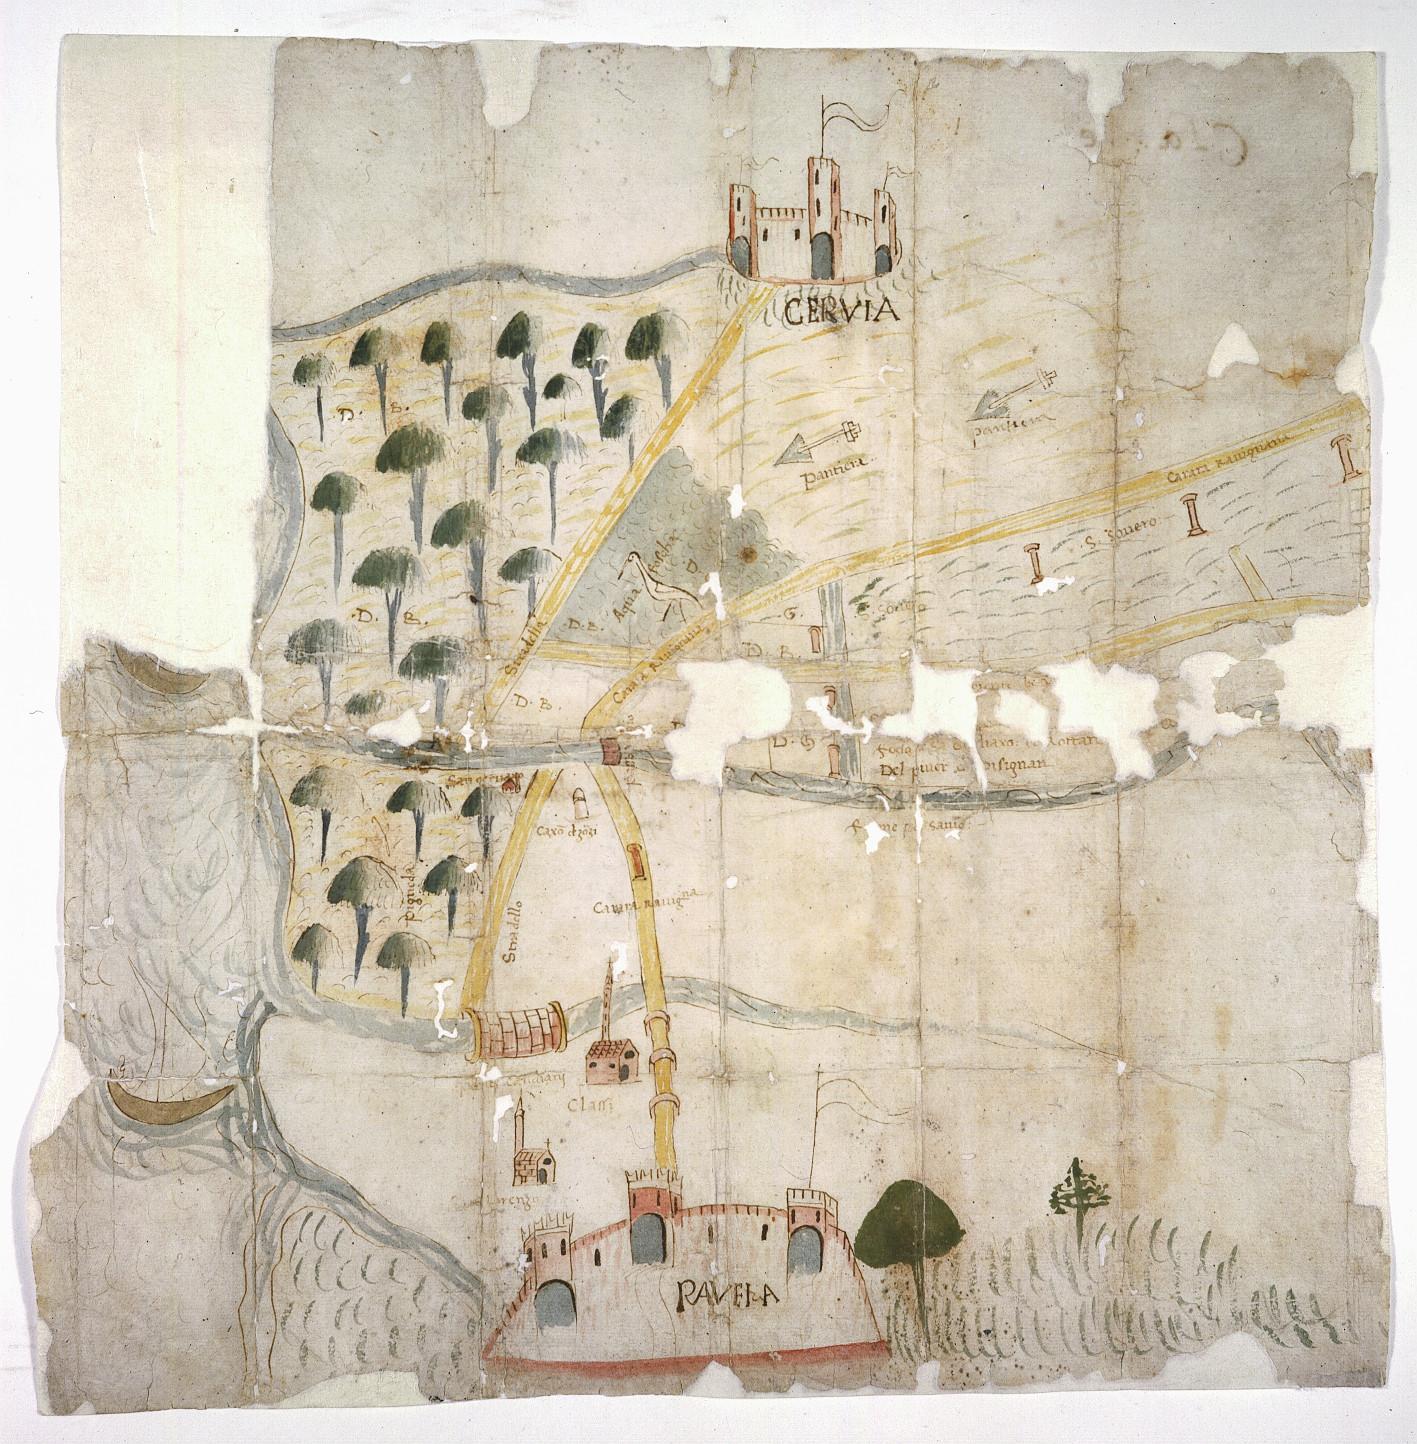 Territorio tra Ravenna, Cervia e il mare Adriatico autore: ignoto data: secolo XV, seconda metà dimensioni: cm 43,3x42,8